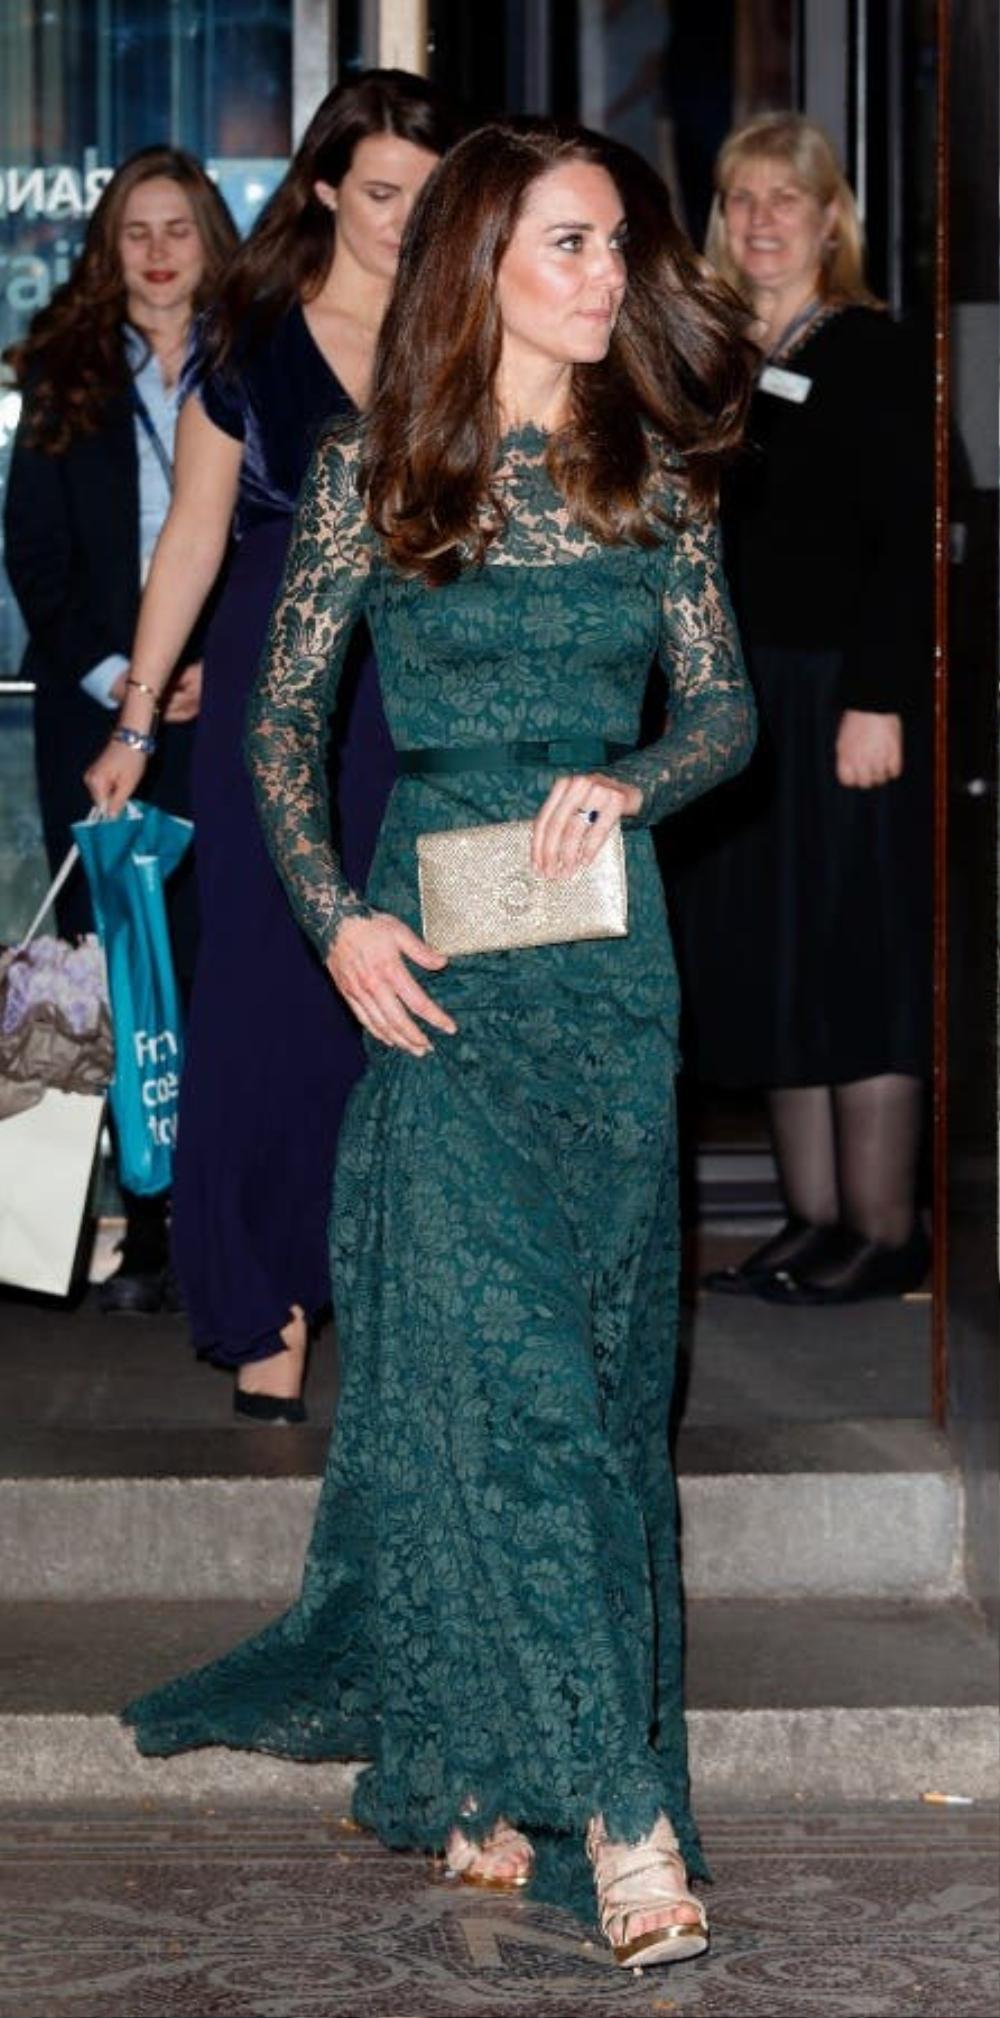 Bí ẩn tủ đồ Hoàng gia: Tại sao Kate Middleton thích mặc màu xanh lá cây? Ảnh 5